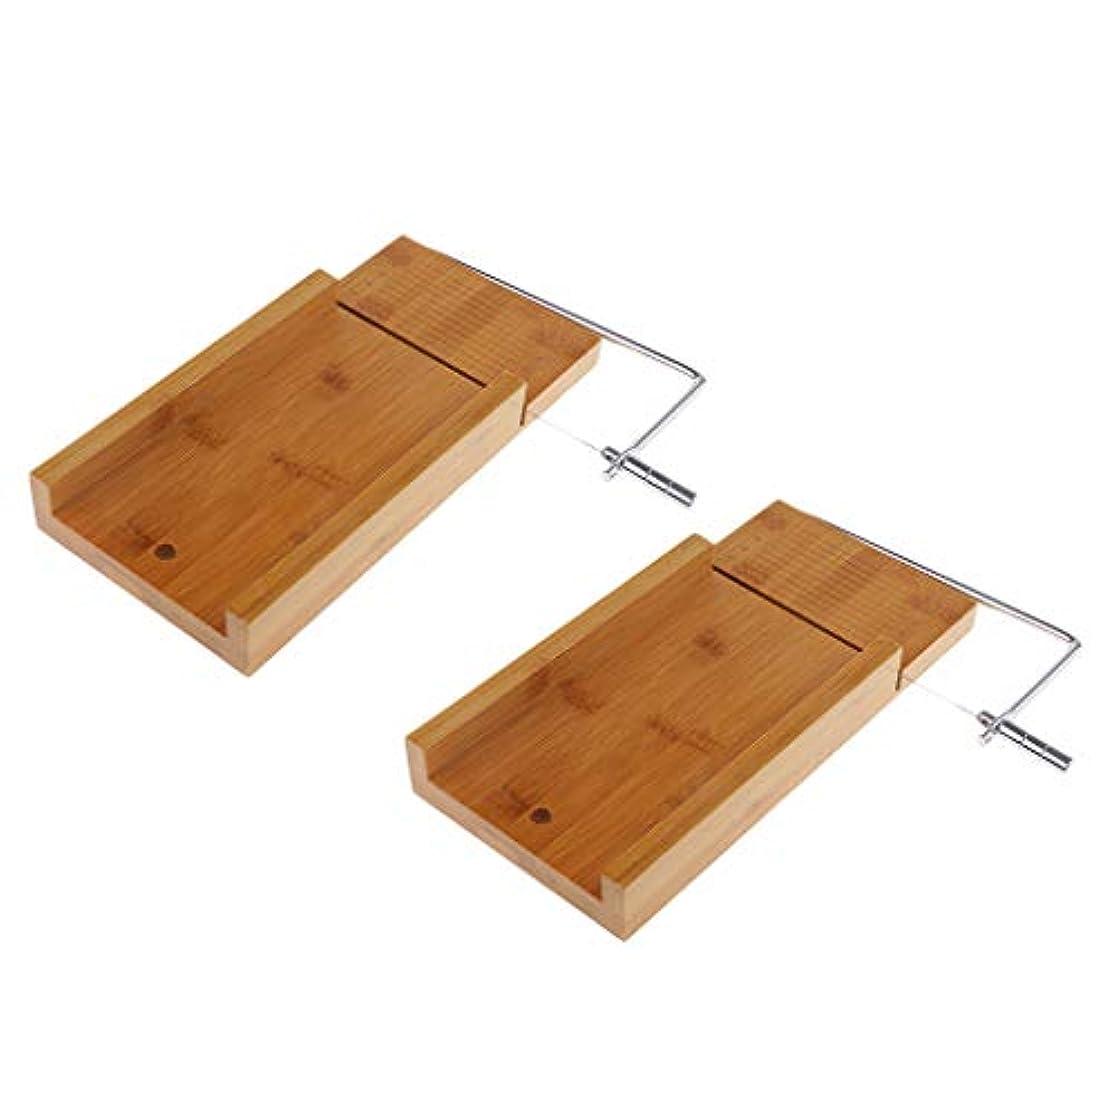 階段早く症候群D DOLITY ソープカッター 台 木質 チーズナイフ せっけんカッター ワイヤー ソープスライサー 2個入り